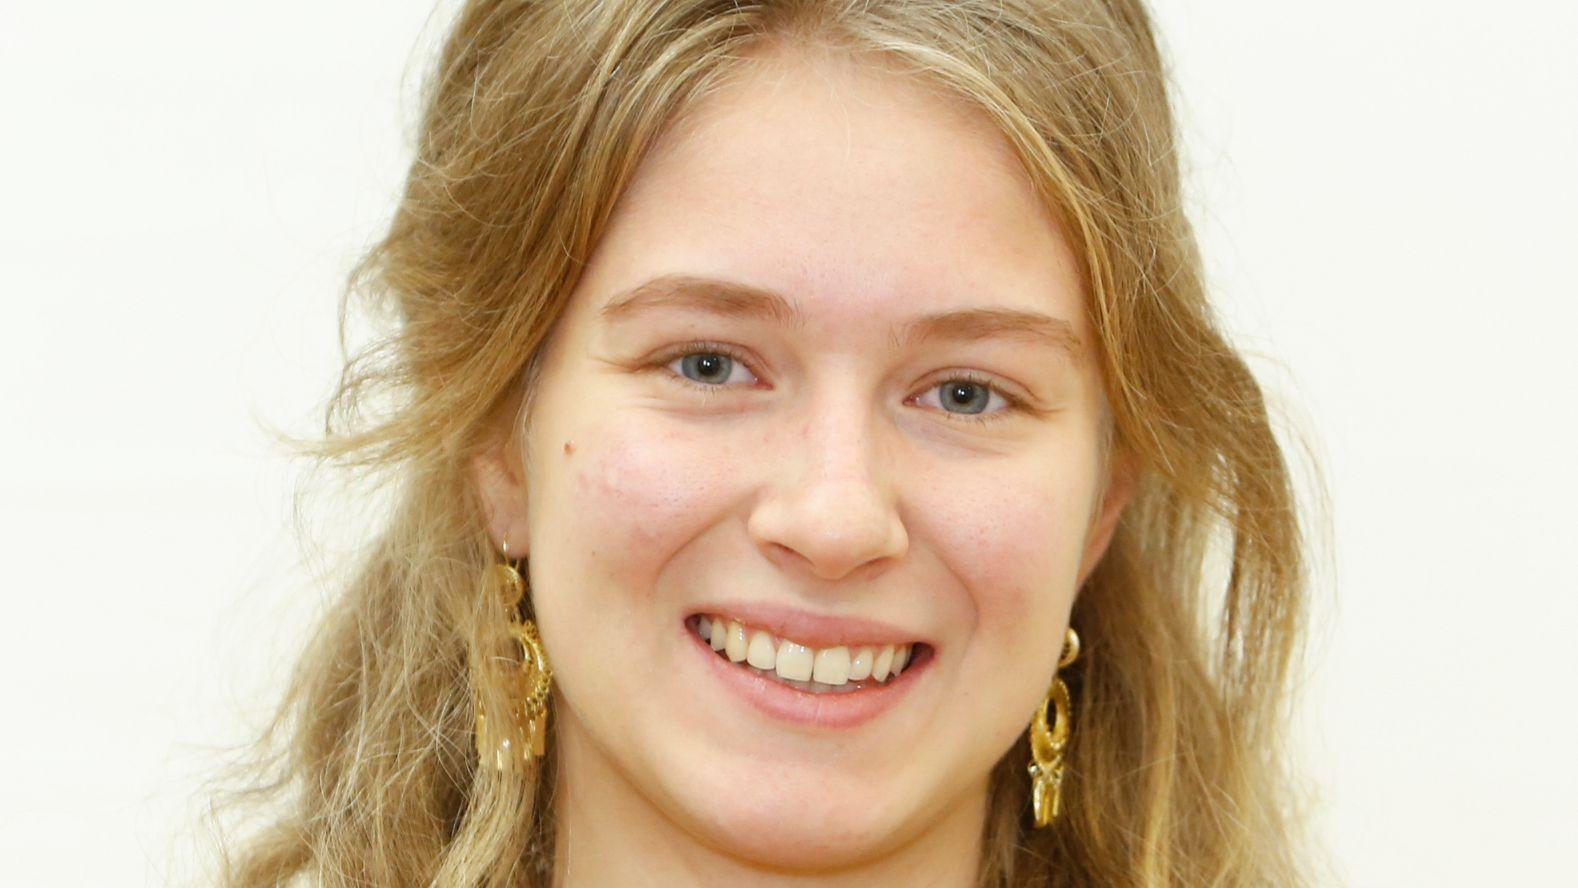 Die Studentin Lea Höhn ist 19 Jahre alt, besucht gerne Kunstausstellungen und geht gerne ins Theater.